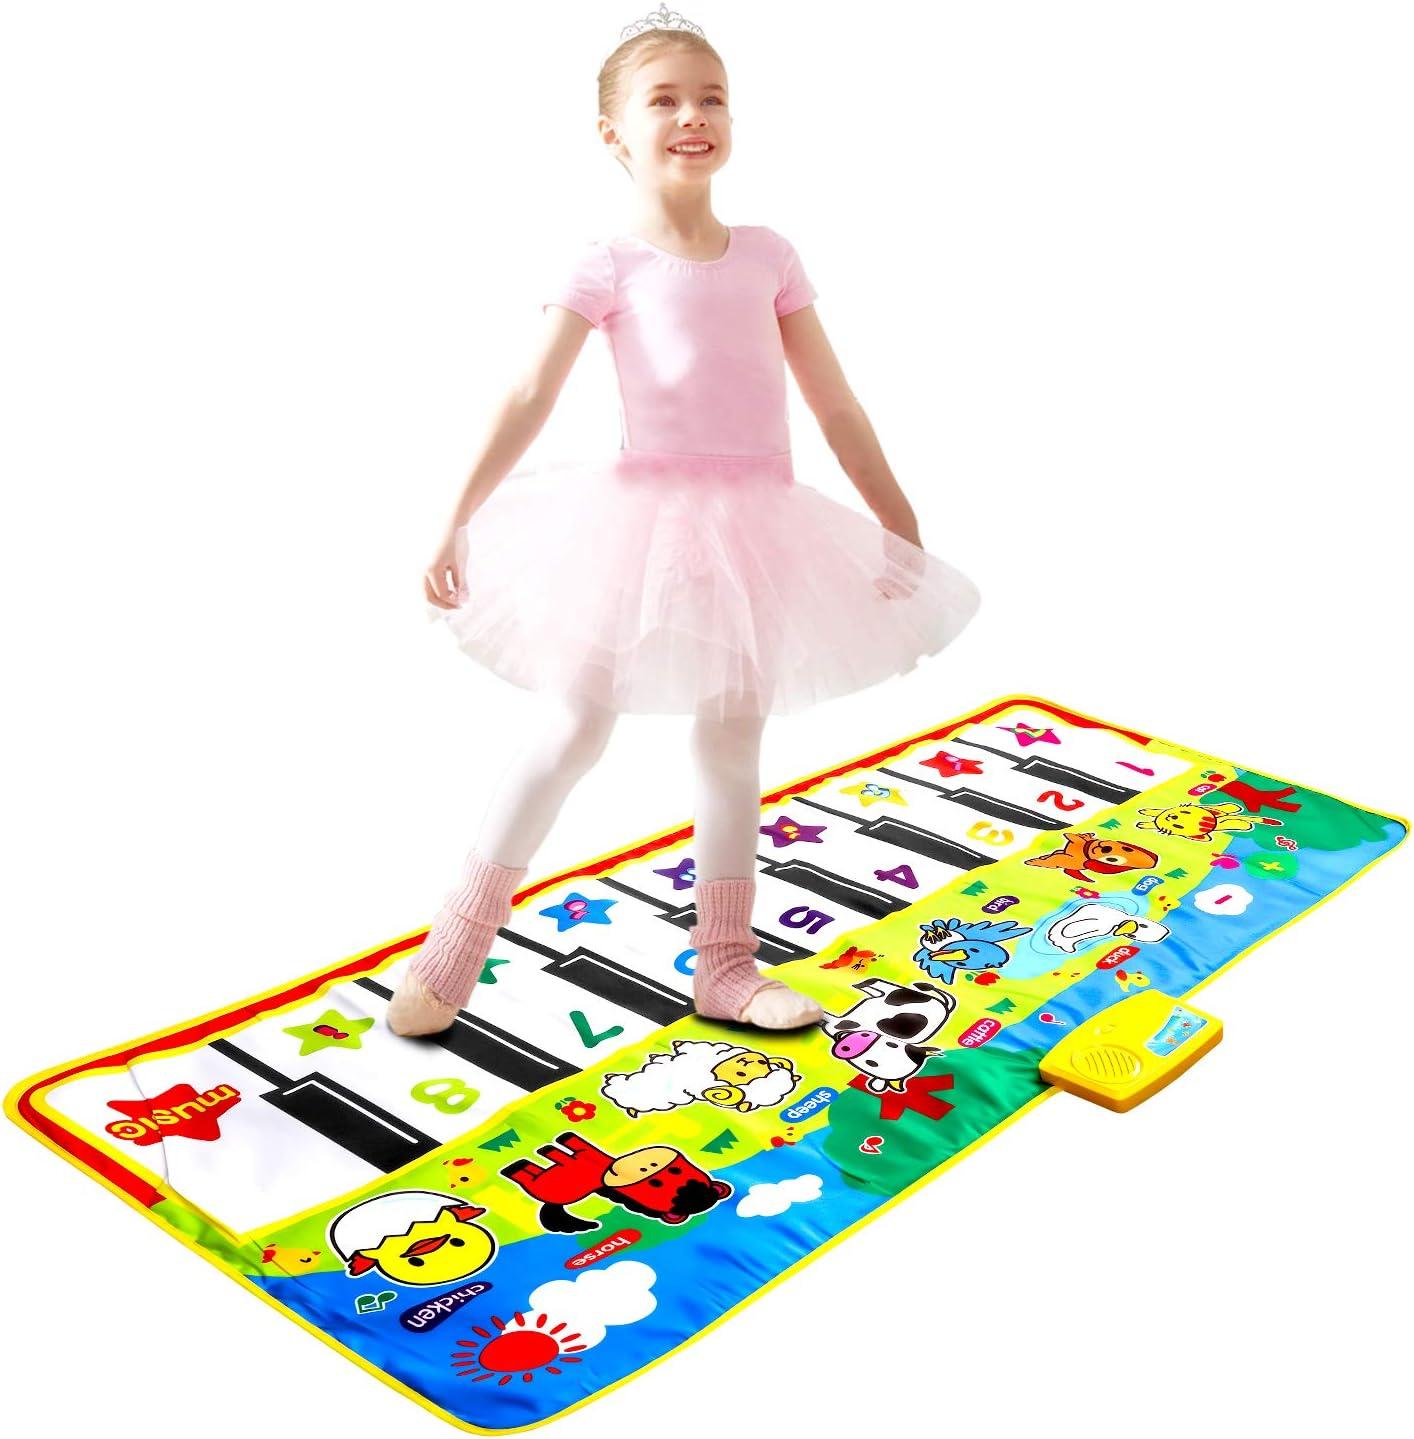 m zimoon Alfombrilla para Piano, Alfombrillas de Música para Niños Alfombrilla de Baile Teclado Estera de Alfombra para Niñas Niños Pequeños